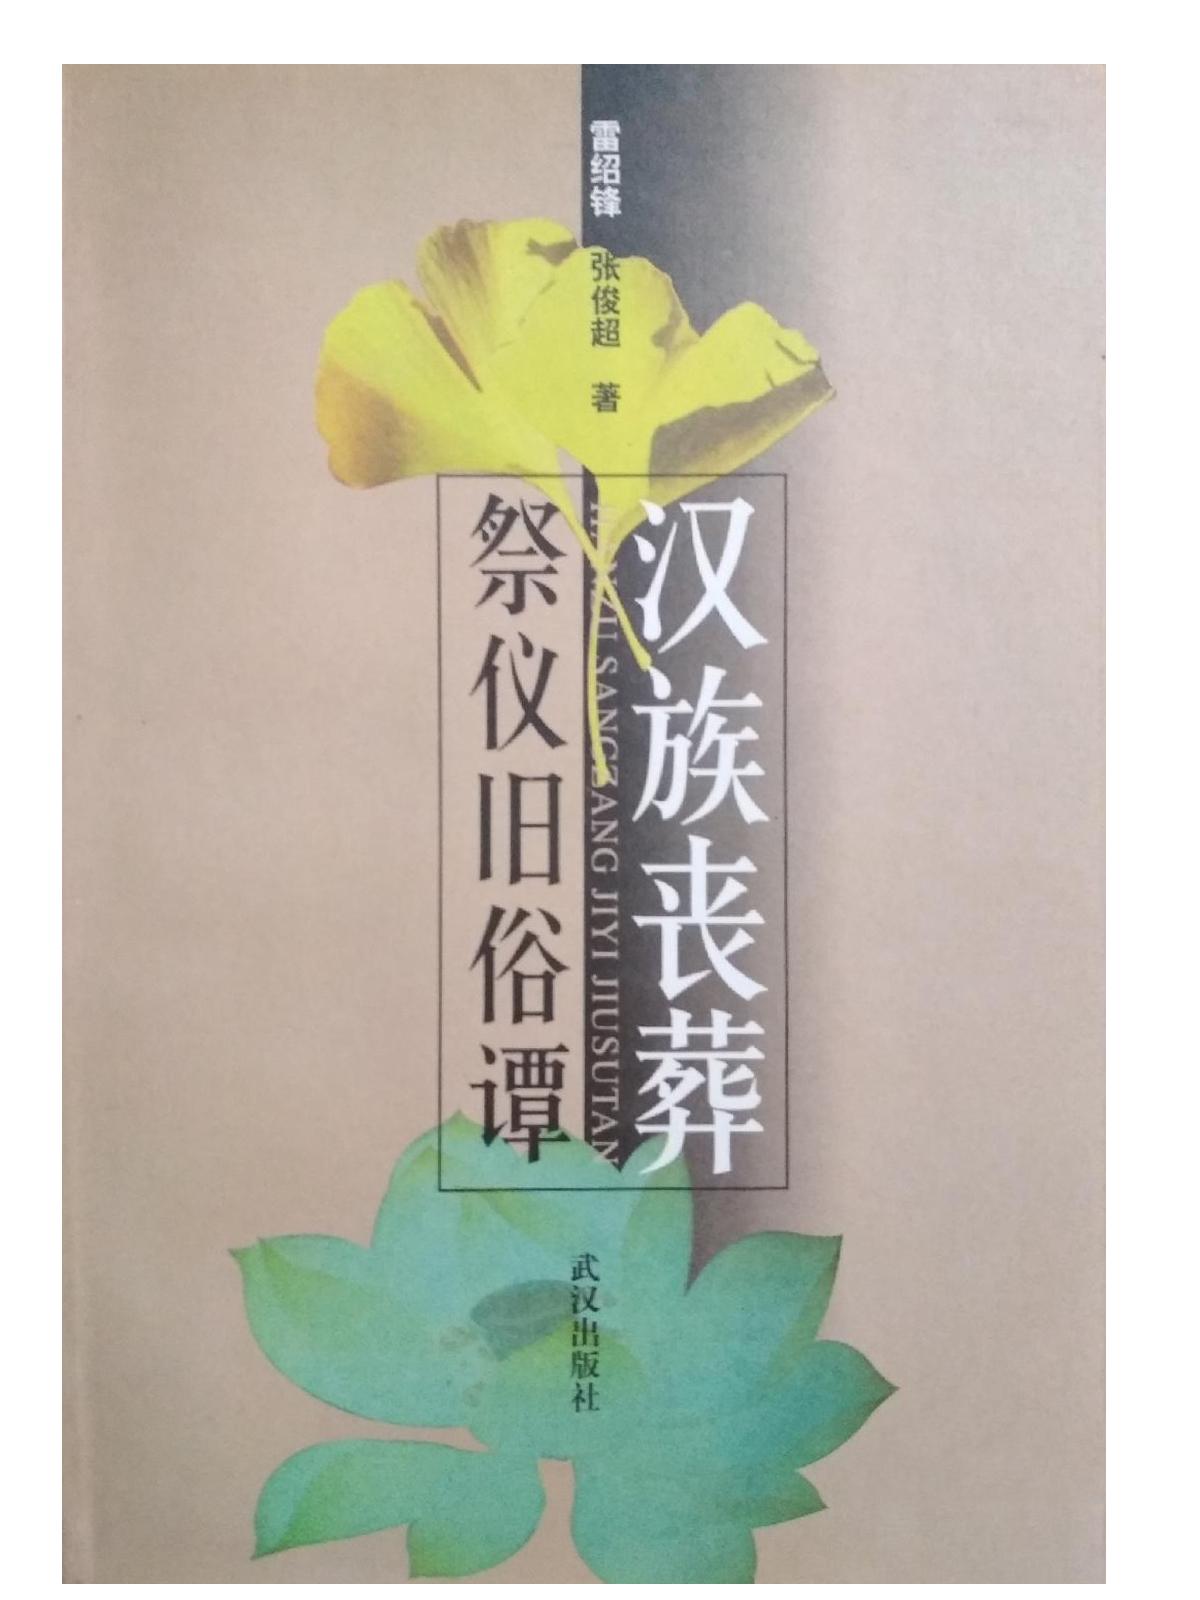 汉族丧葬祭仪旧俗谭-风俗大观